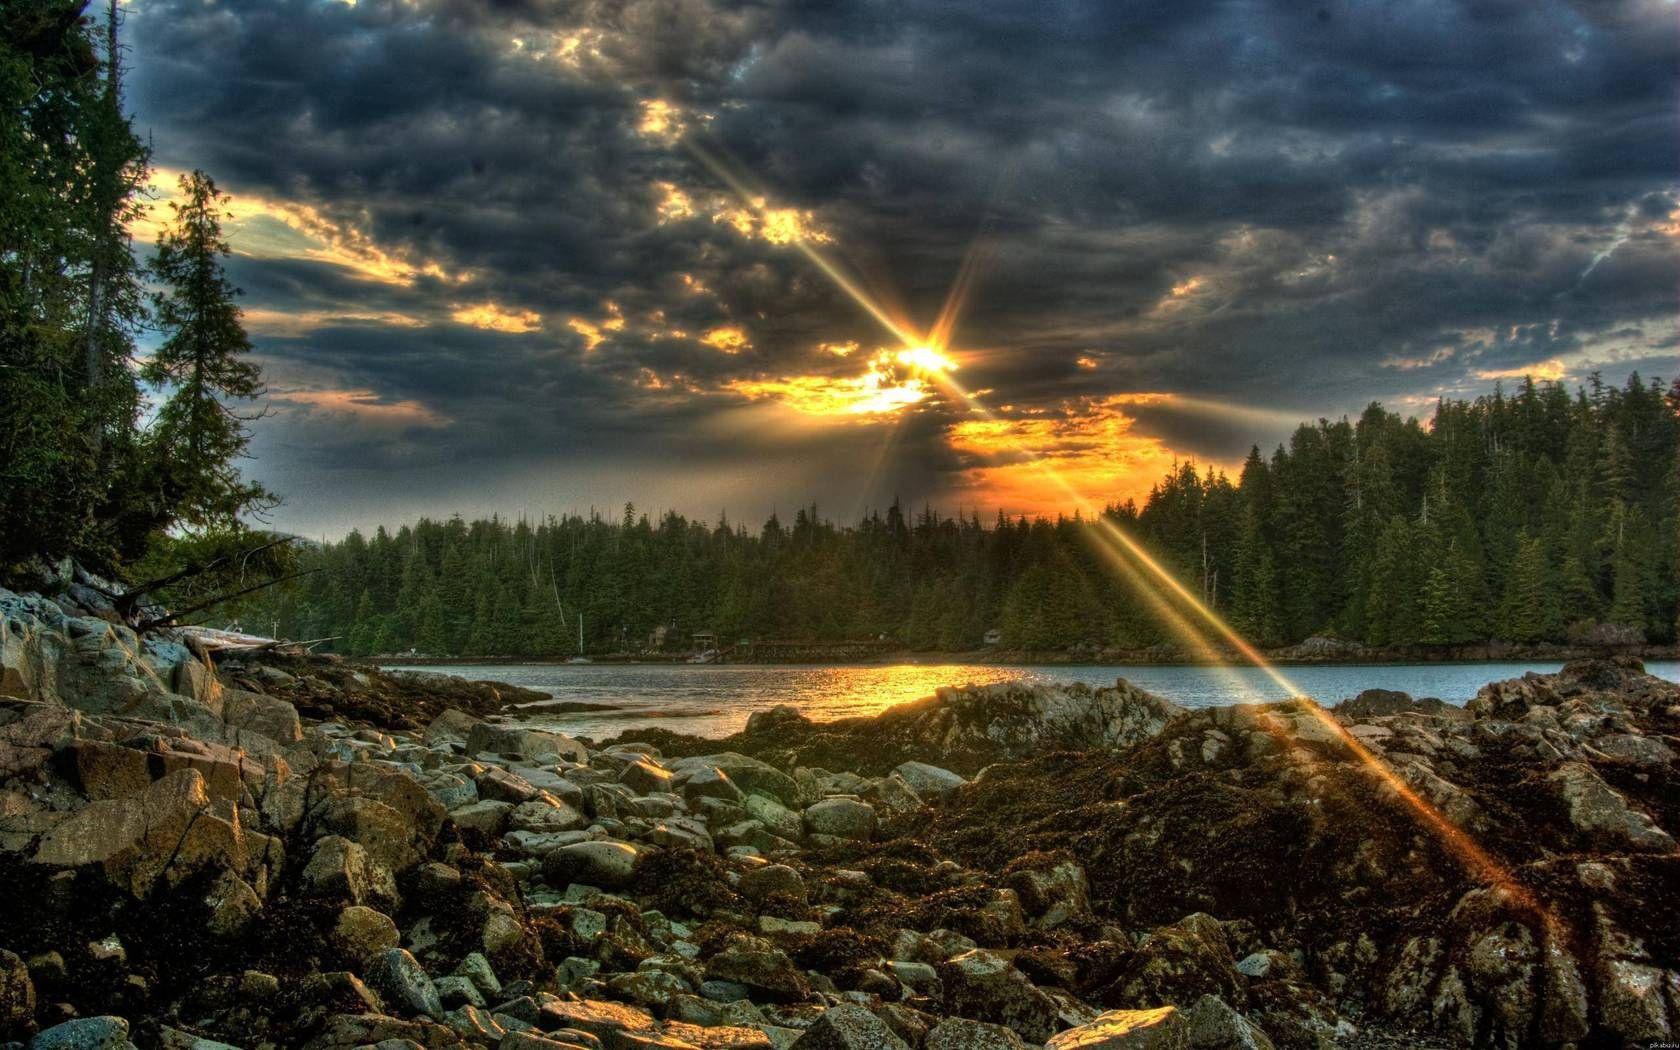 66568壁紙のダウンロード自然, ストーンズ, イブニング, 夕方, ビーム, 光線, 雲, 森林, 森, 湖, 主に曇り, どんよりした, サン-スクリーンセーバーと写真を無料で